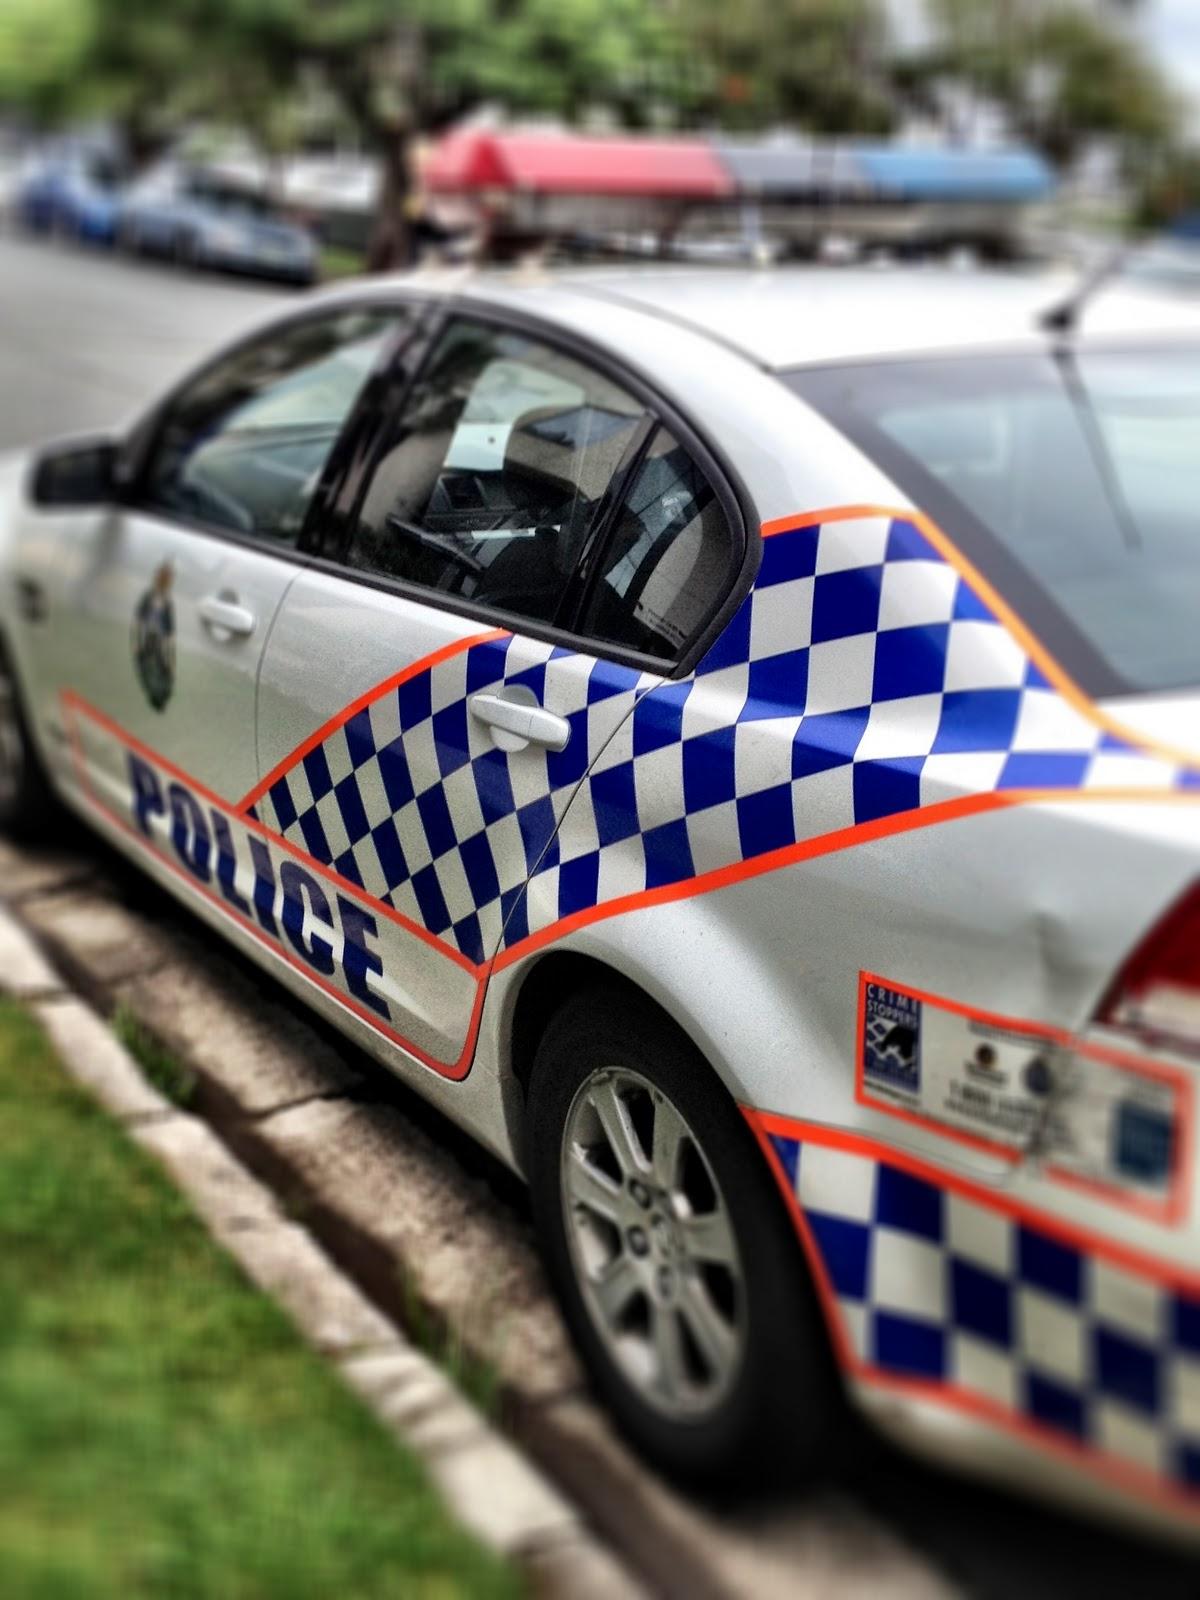 Evading Police